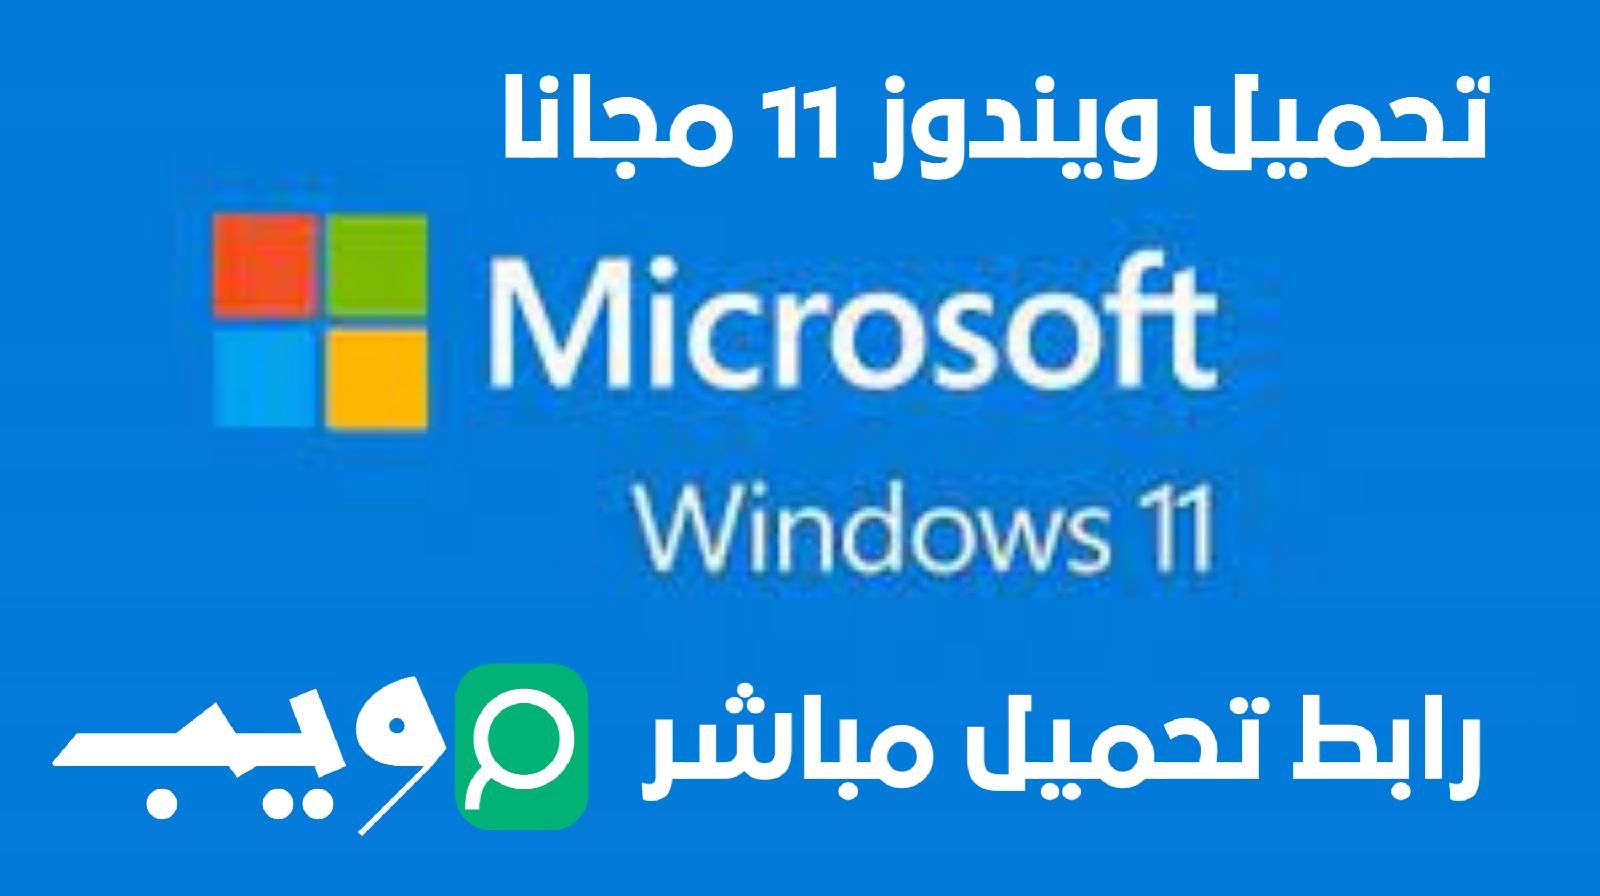 """تحميل ويندوز 11 الجديد11 Windows IOS"""" بصيغة ايزو مجانا برابط مباشر 2021 - ماندو ويب  """